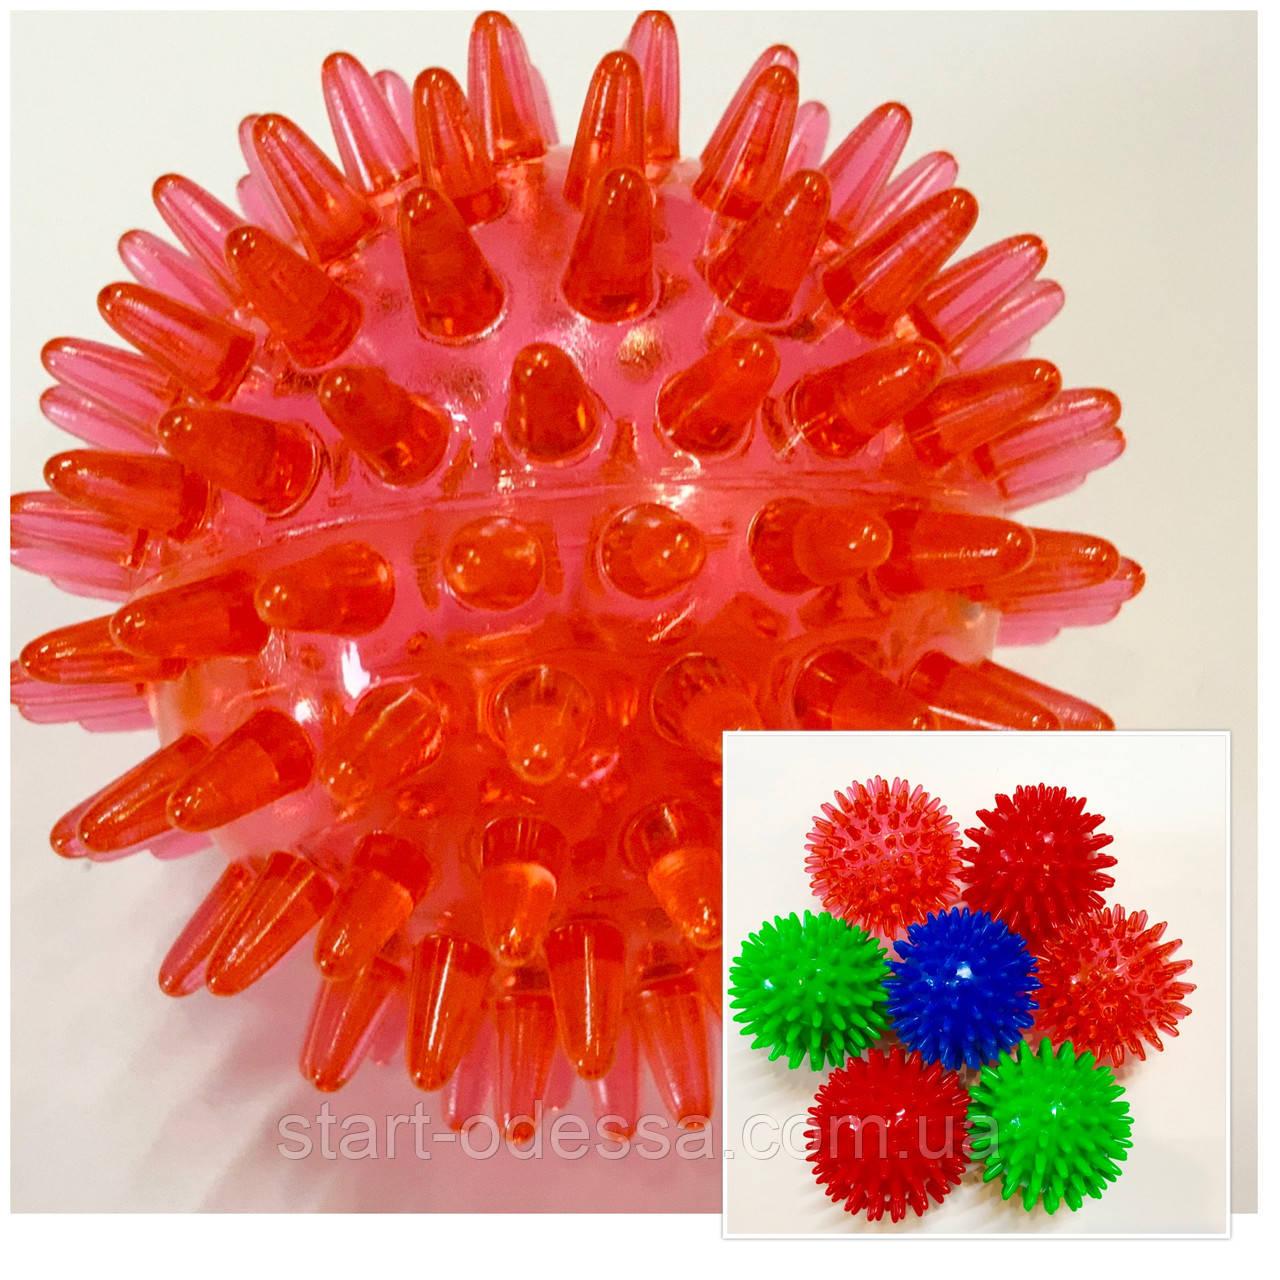 Купить мячик массажер вакуумный упаковщик clatronic fs3261